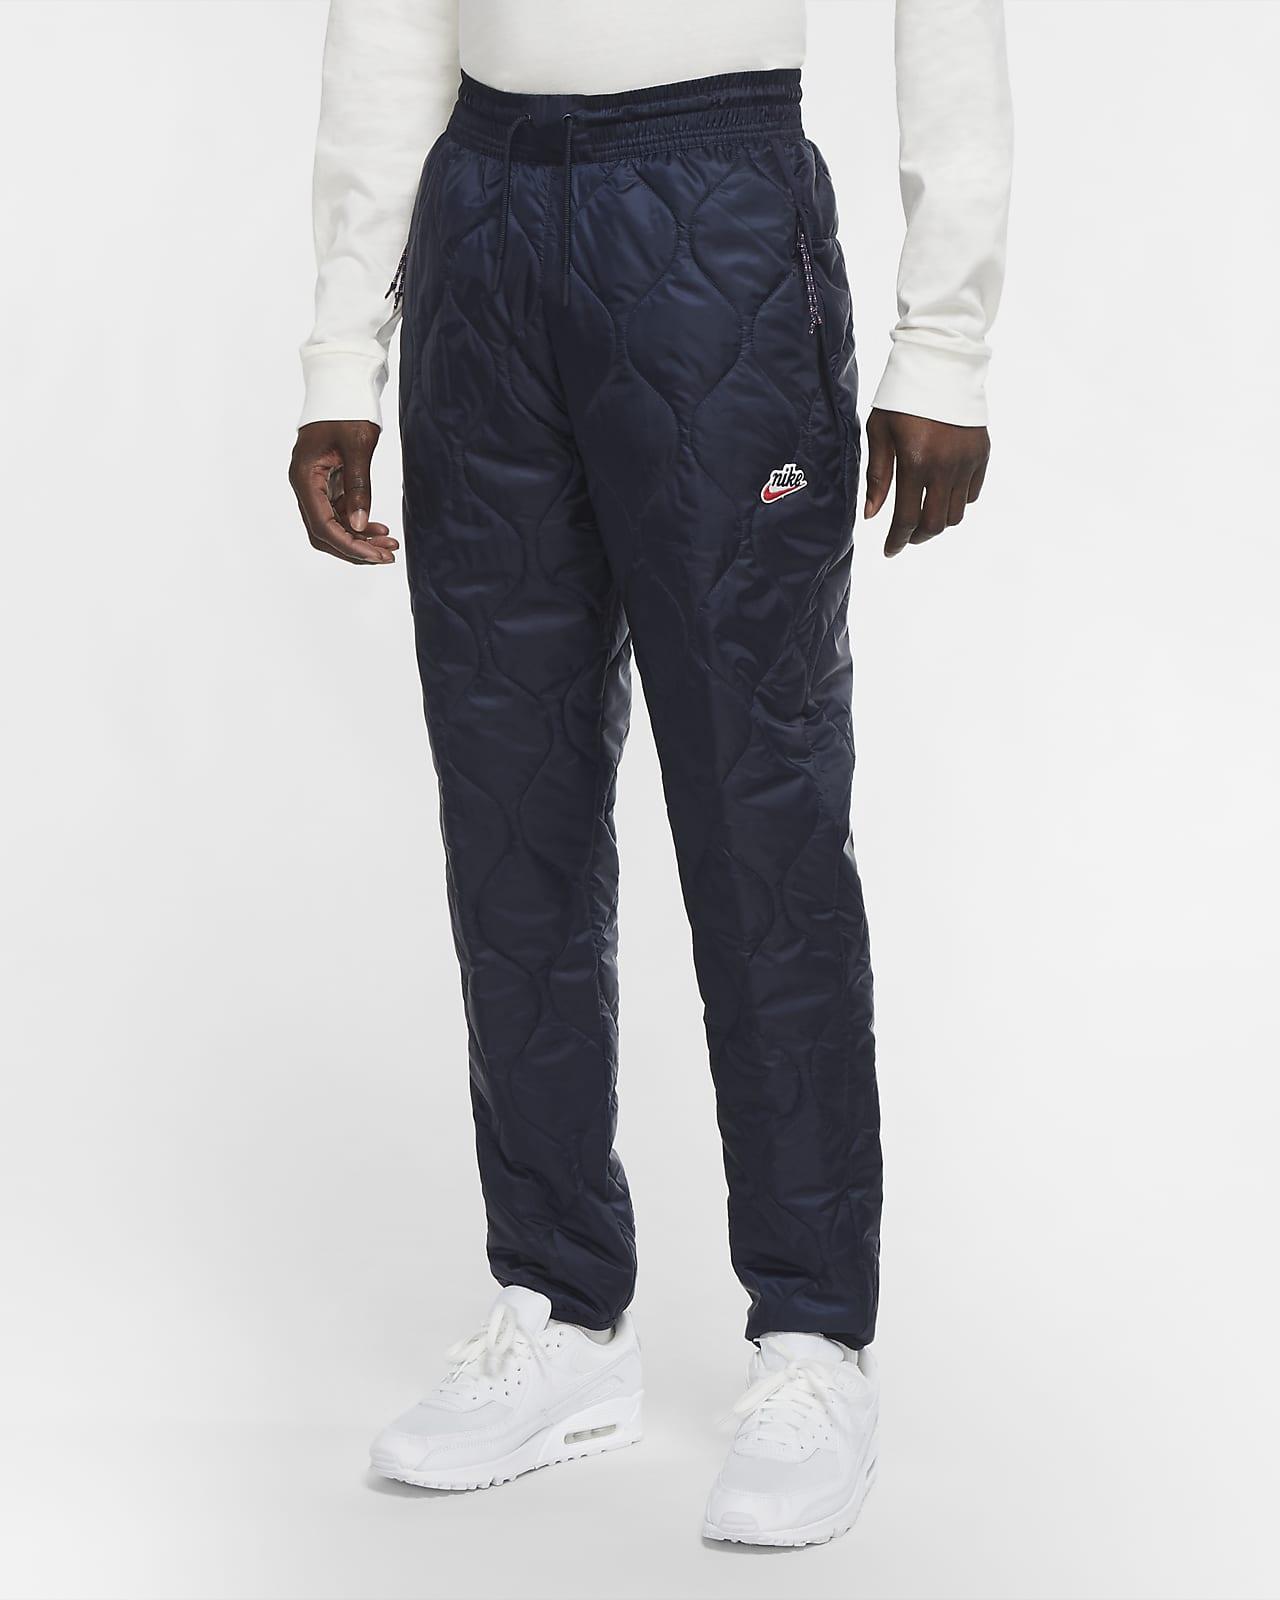 Pantalones acondicionados para el invierno para hombre Nike Sportswear Heritage